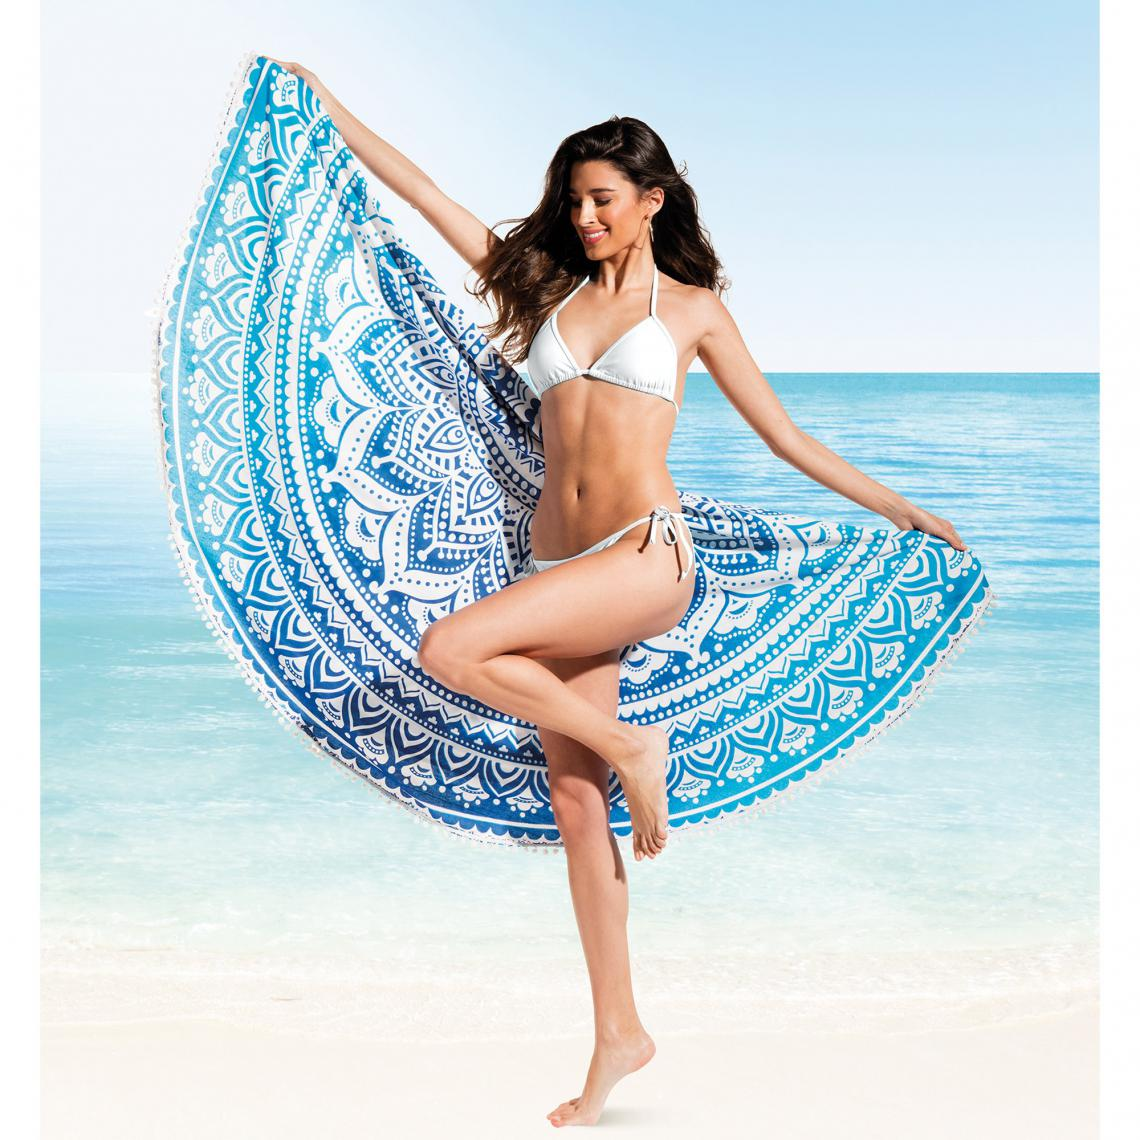 DESCRIPTION: Nouvelle tendance sur la plage cet été, cette grande serviette ronde originale est idéale pour paresser sous le soleil ou même pique-niquer sur le sable... véritable accessoire de mode, il devient en un clin